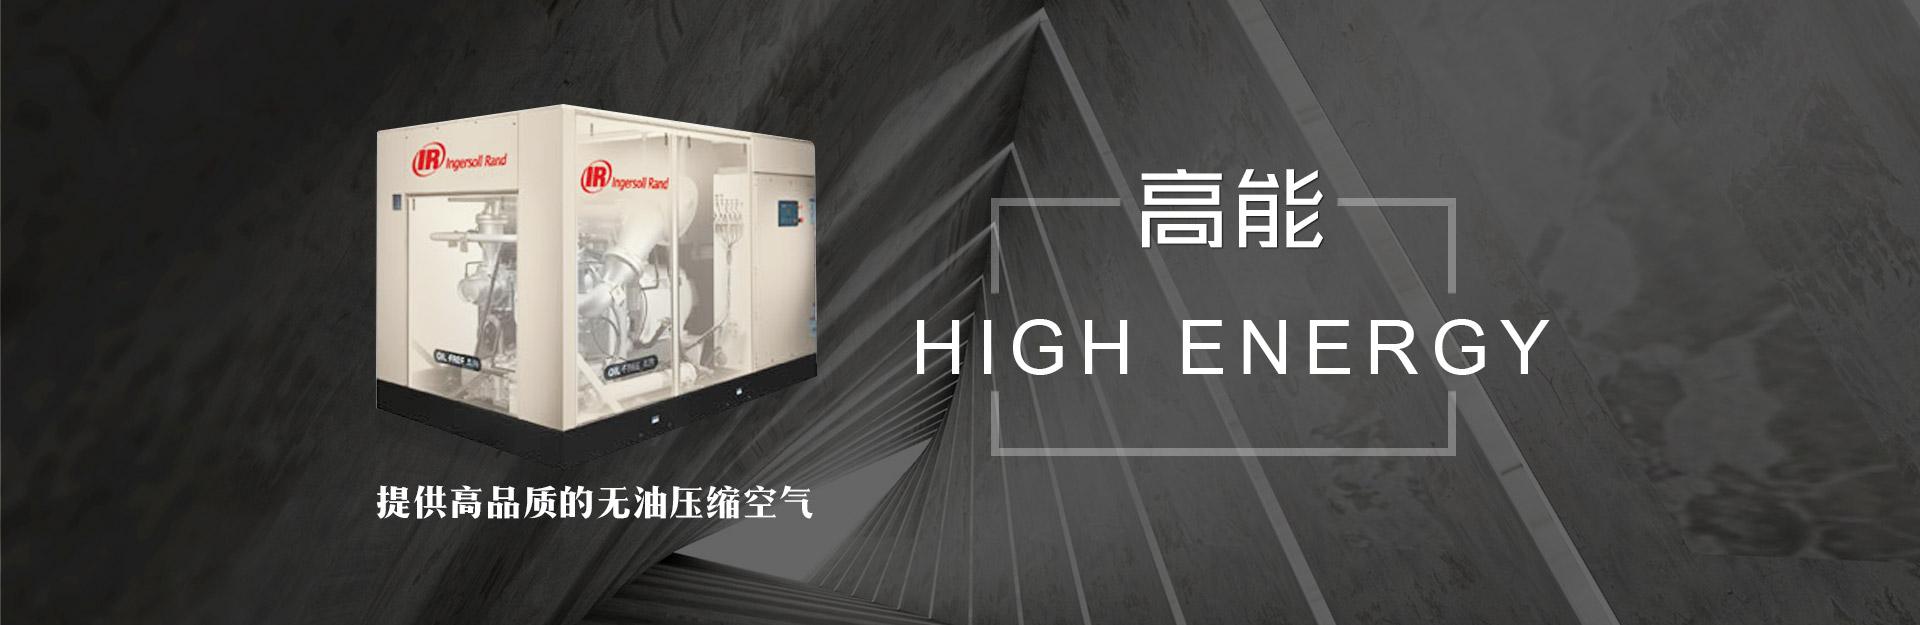 上海颛民机电有限公司